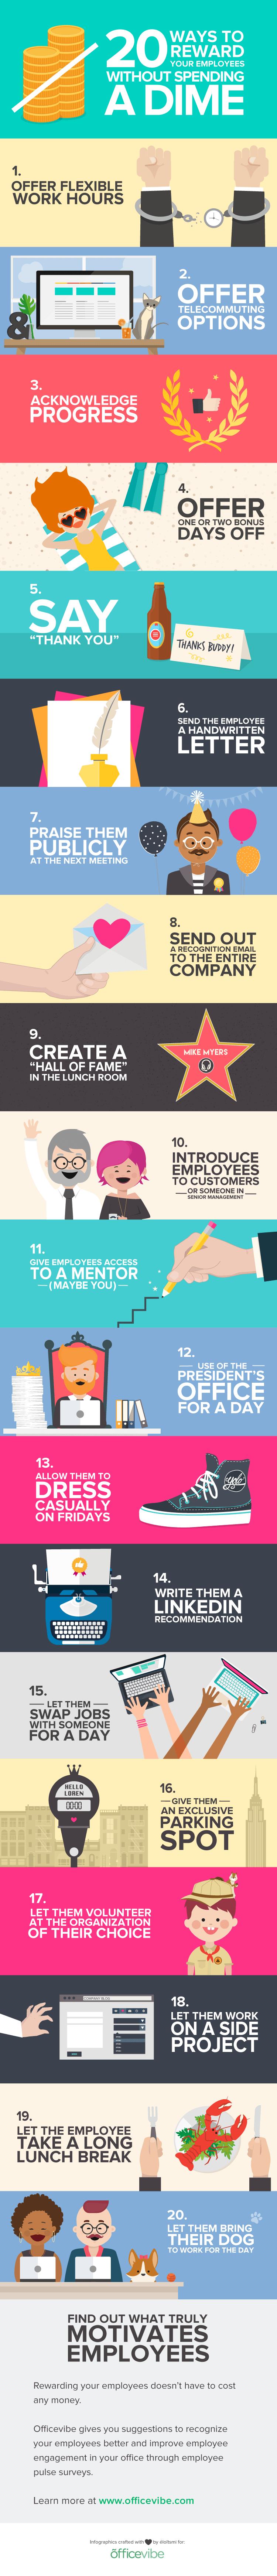 20 ways to reward your employees without spending a dime // ¿Qué motiva a tus empleados? 20 recompensas que ellos y tu presupuesto van a agradecer.